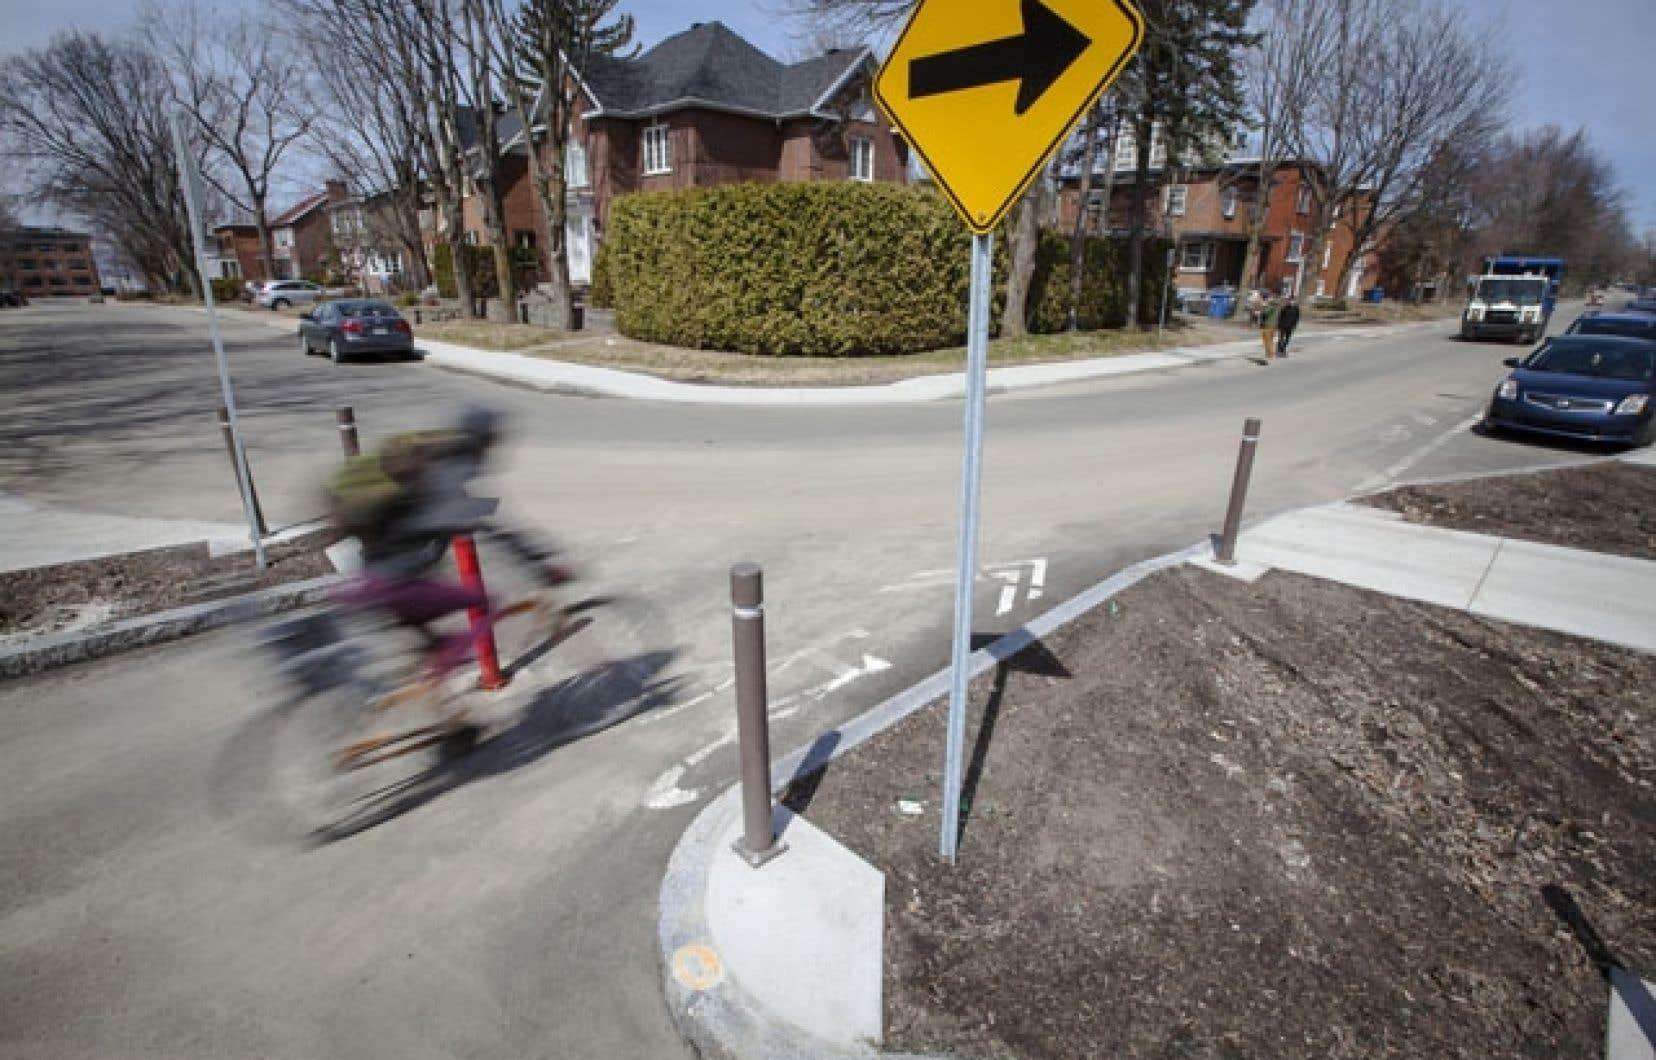 Un cycliste utilise le corridor cyclable au coin de la rue Raymond-Casgrain et de l'avenue Louis-Fréchette. Le premier parcours pour vélos a permis de tester différents outils, dont le marquage au sol.